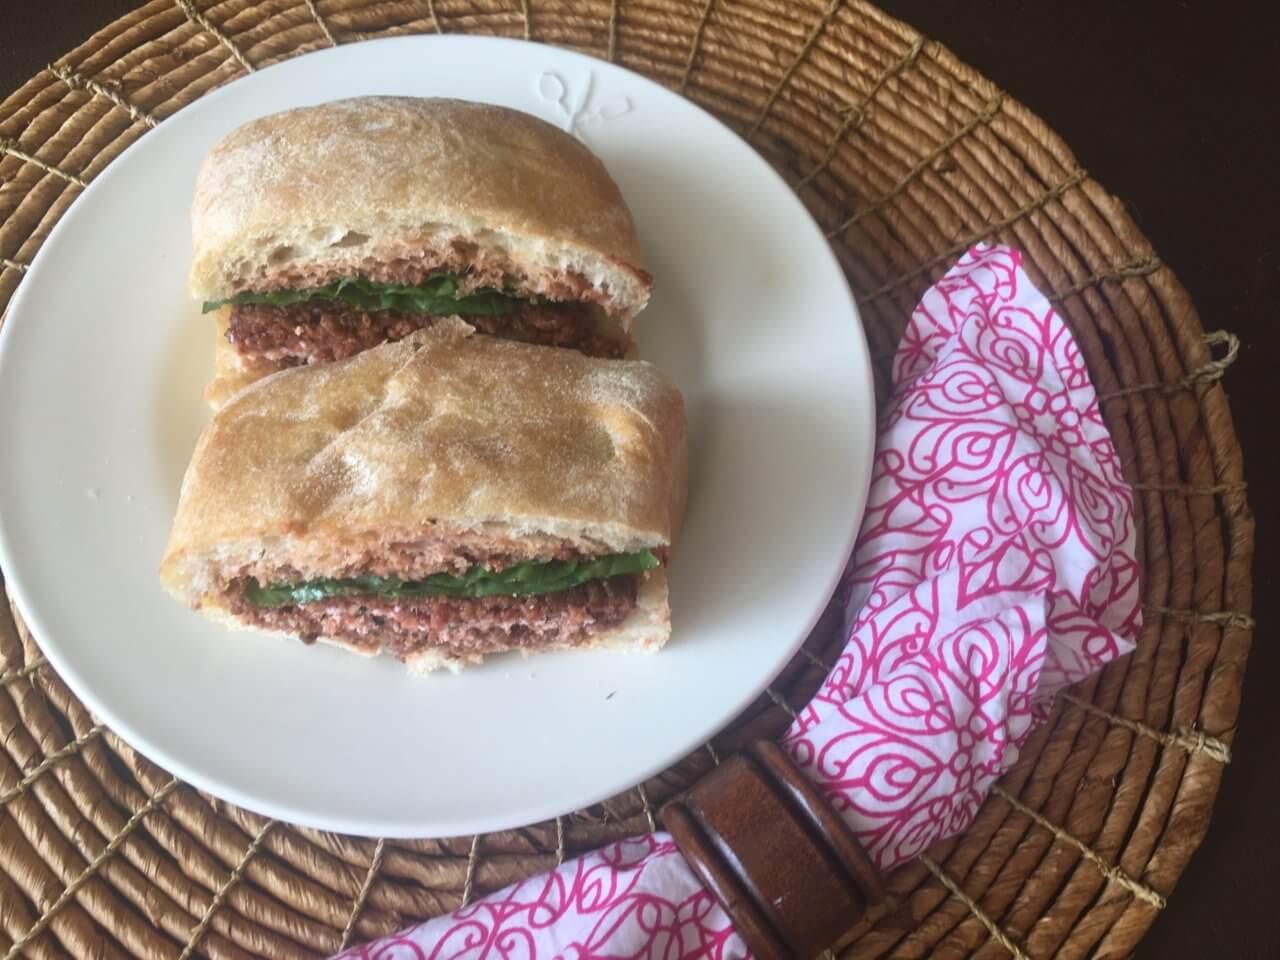 Italian-Stuffed-Ricotta-Burger-min-1280x960.jpg